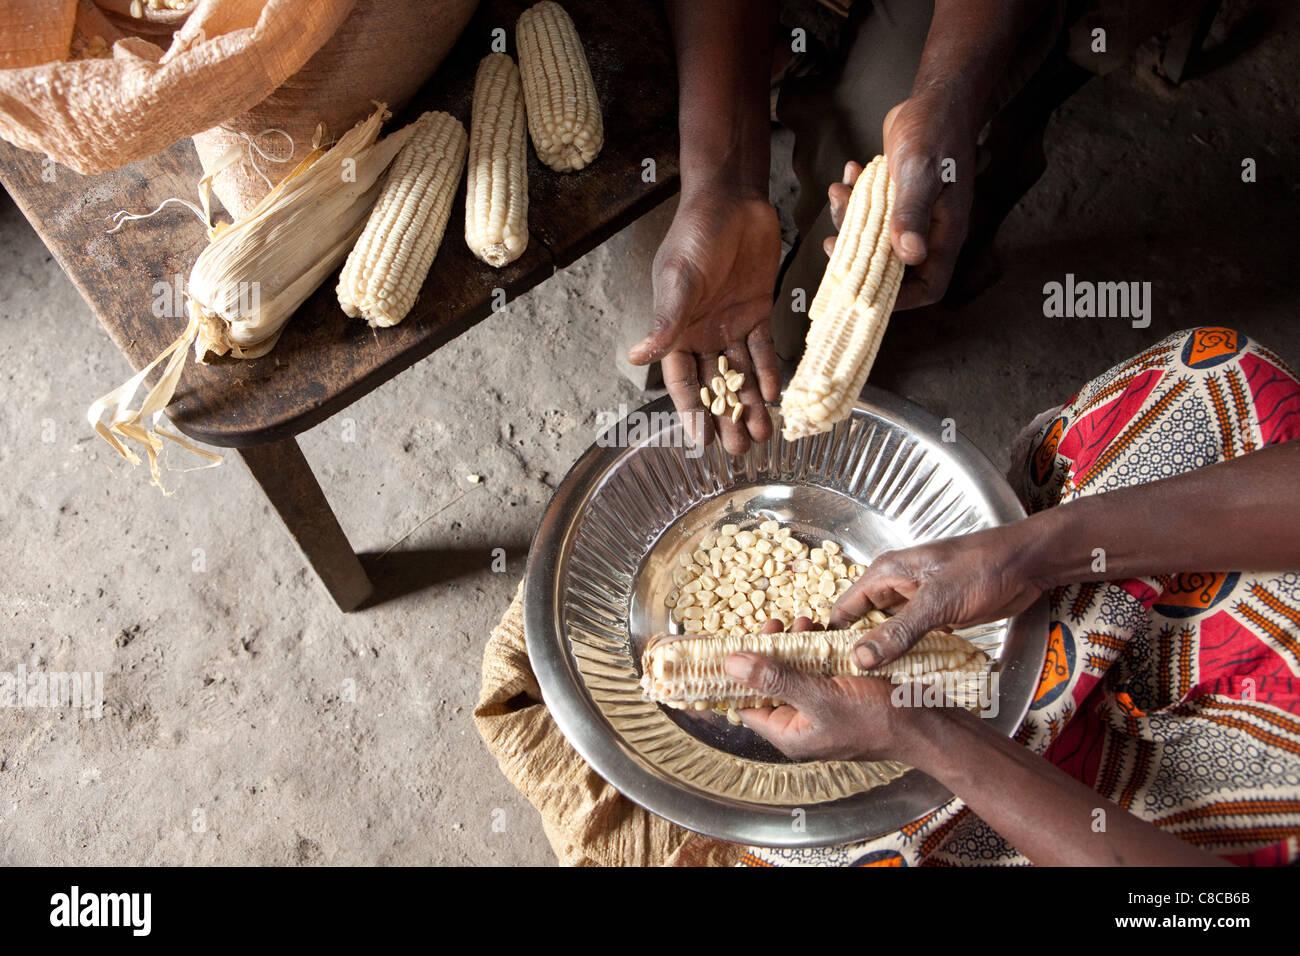 Un giovane rimuove i semi di mais da cobb di Mongu, Zambia, Sud Africa. Immagini Stock